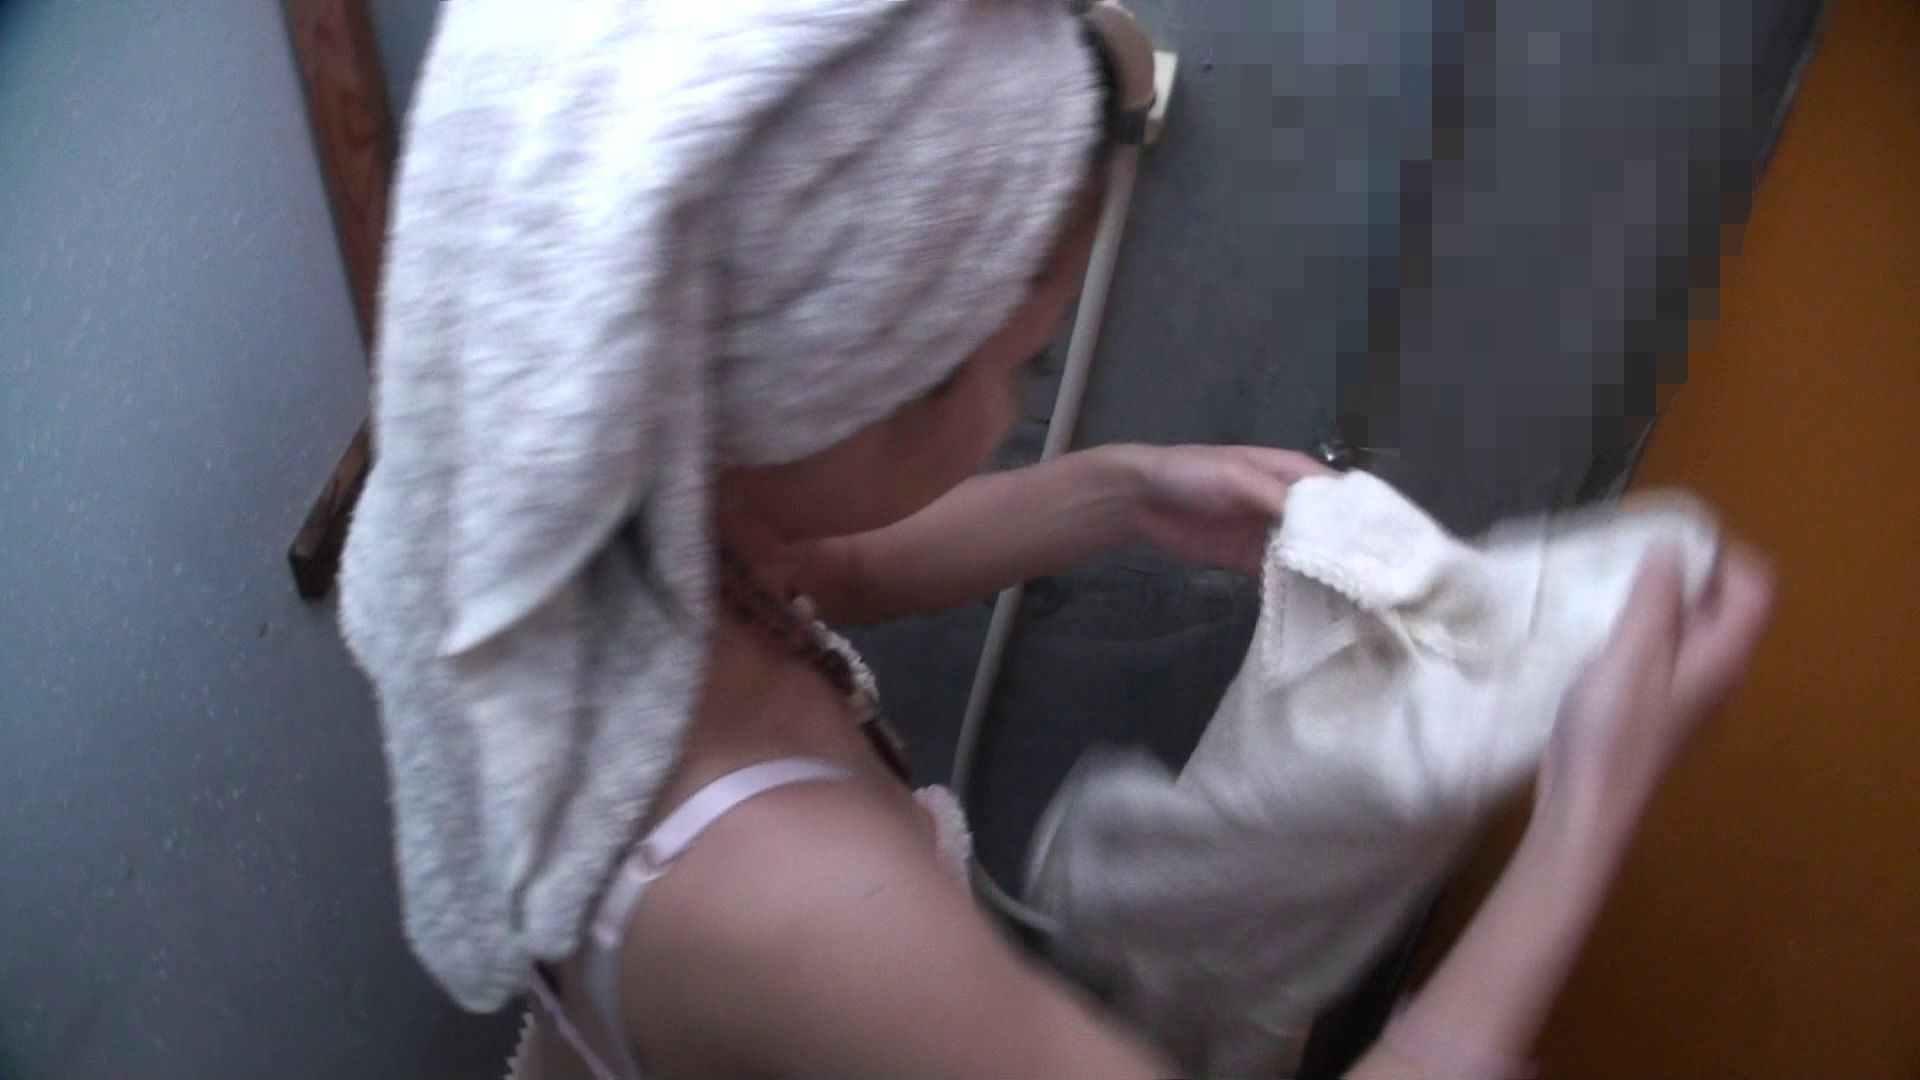 シャワールームは超!!危険な香りVol.21 オメメぱっちり貧乳ギャル鼻くそほじっても可愛いです エロティックなOL 女性器鑑賞 57画像 7